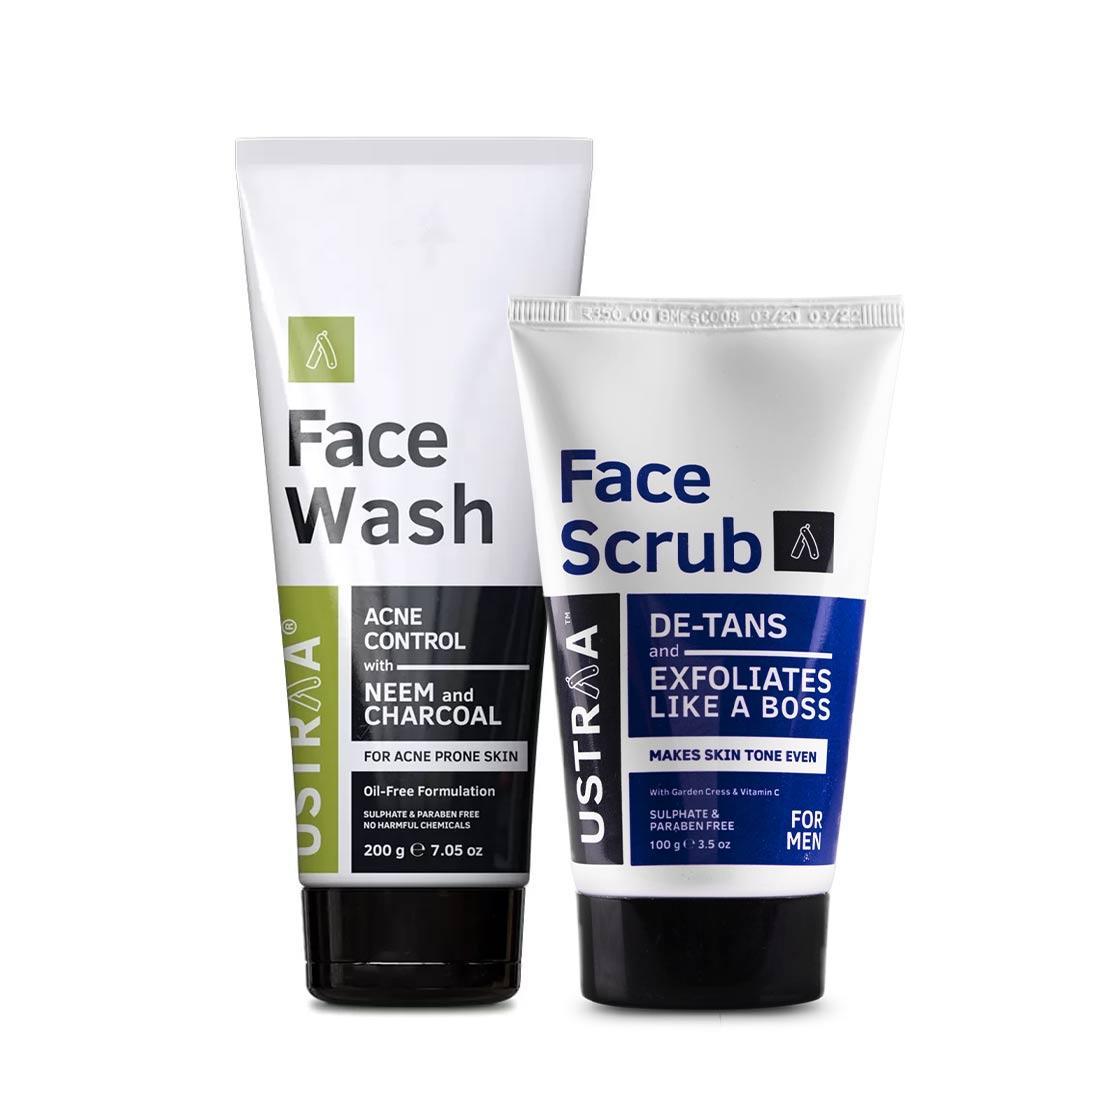 Face Wash Acne Control and Face Scrub De-Tan